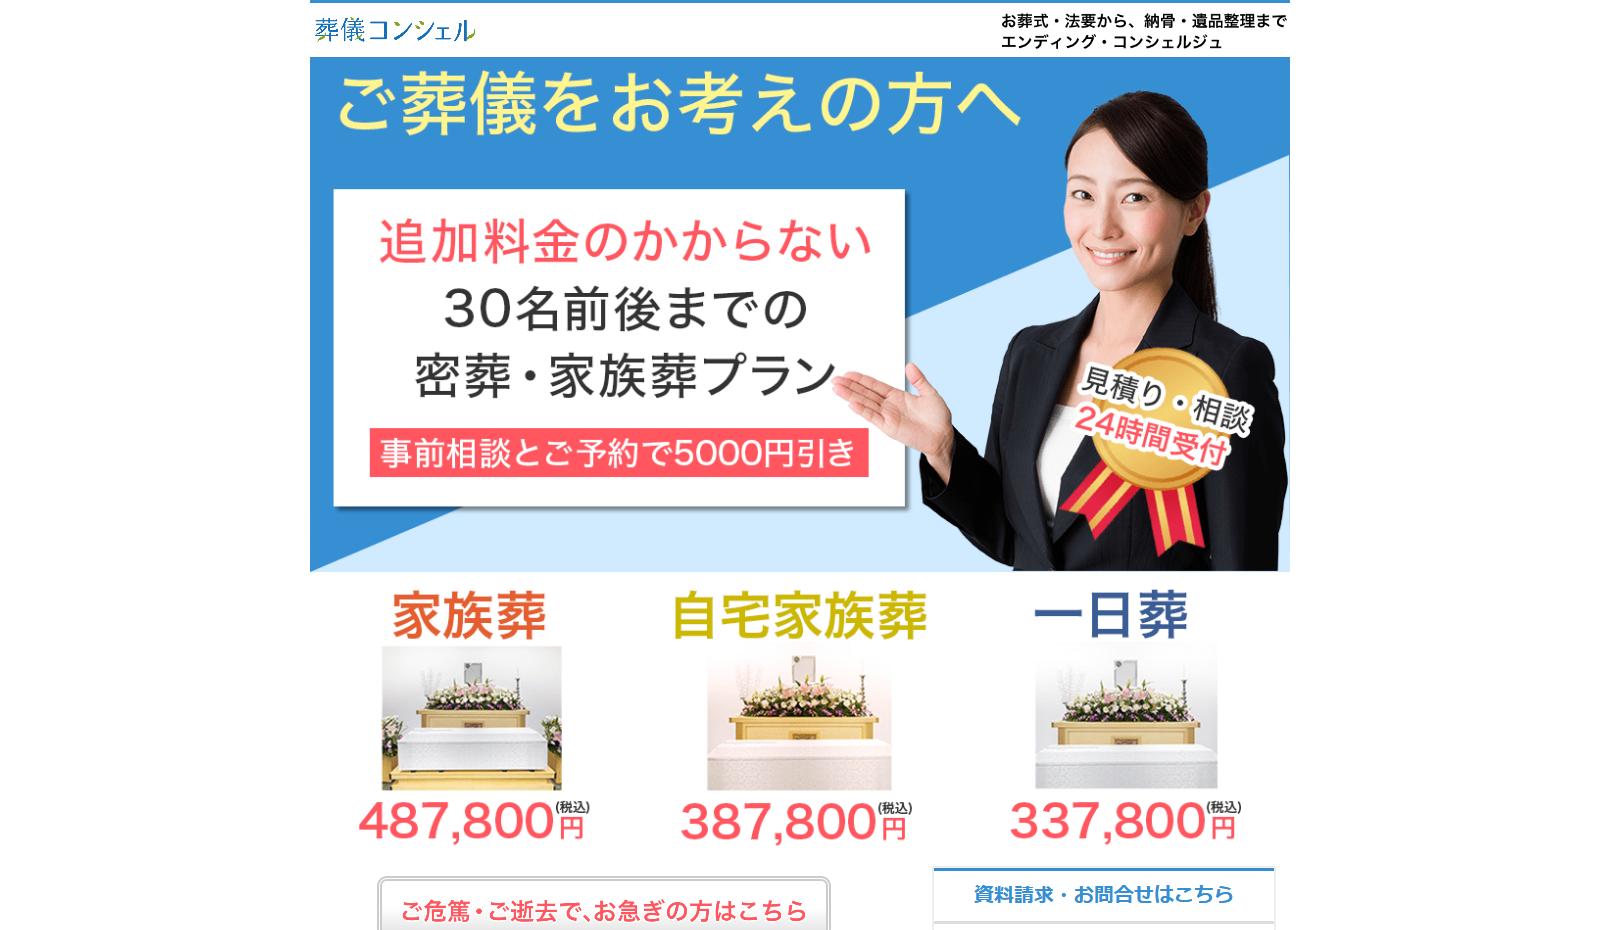 葬儀コンシェル - 定額・安心の葬儀プラン【24時間受付】